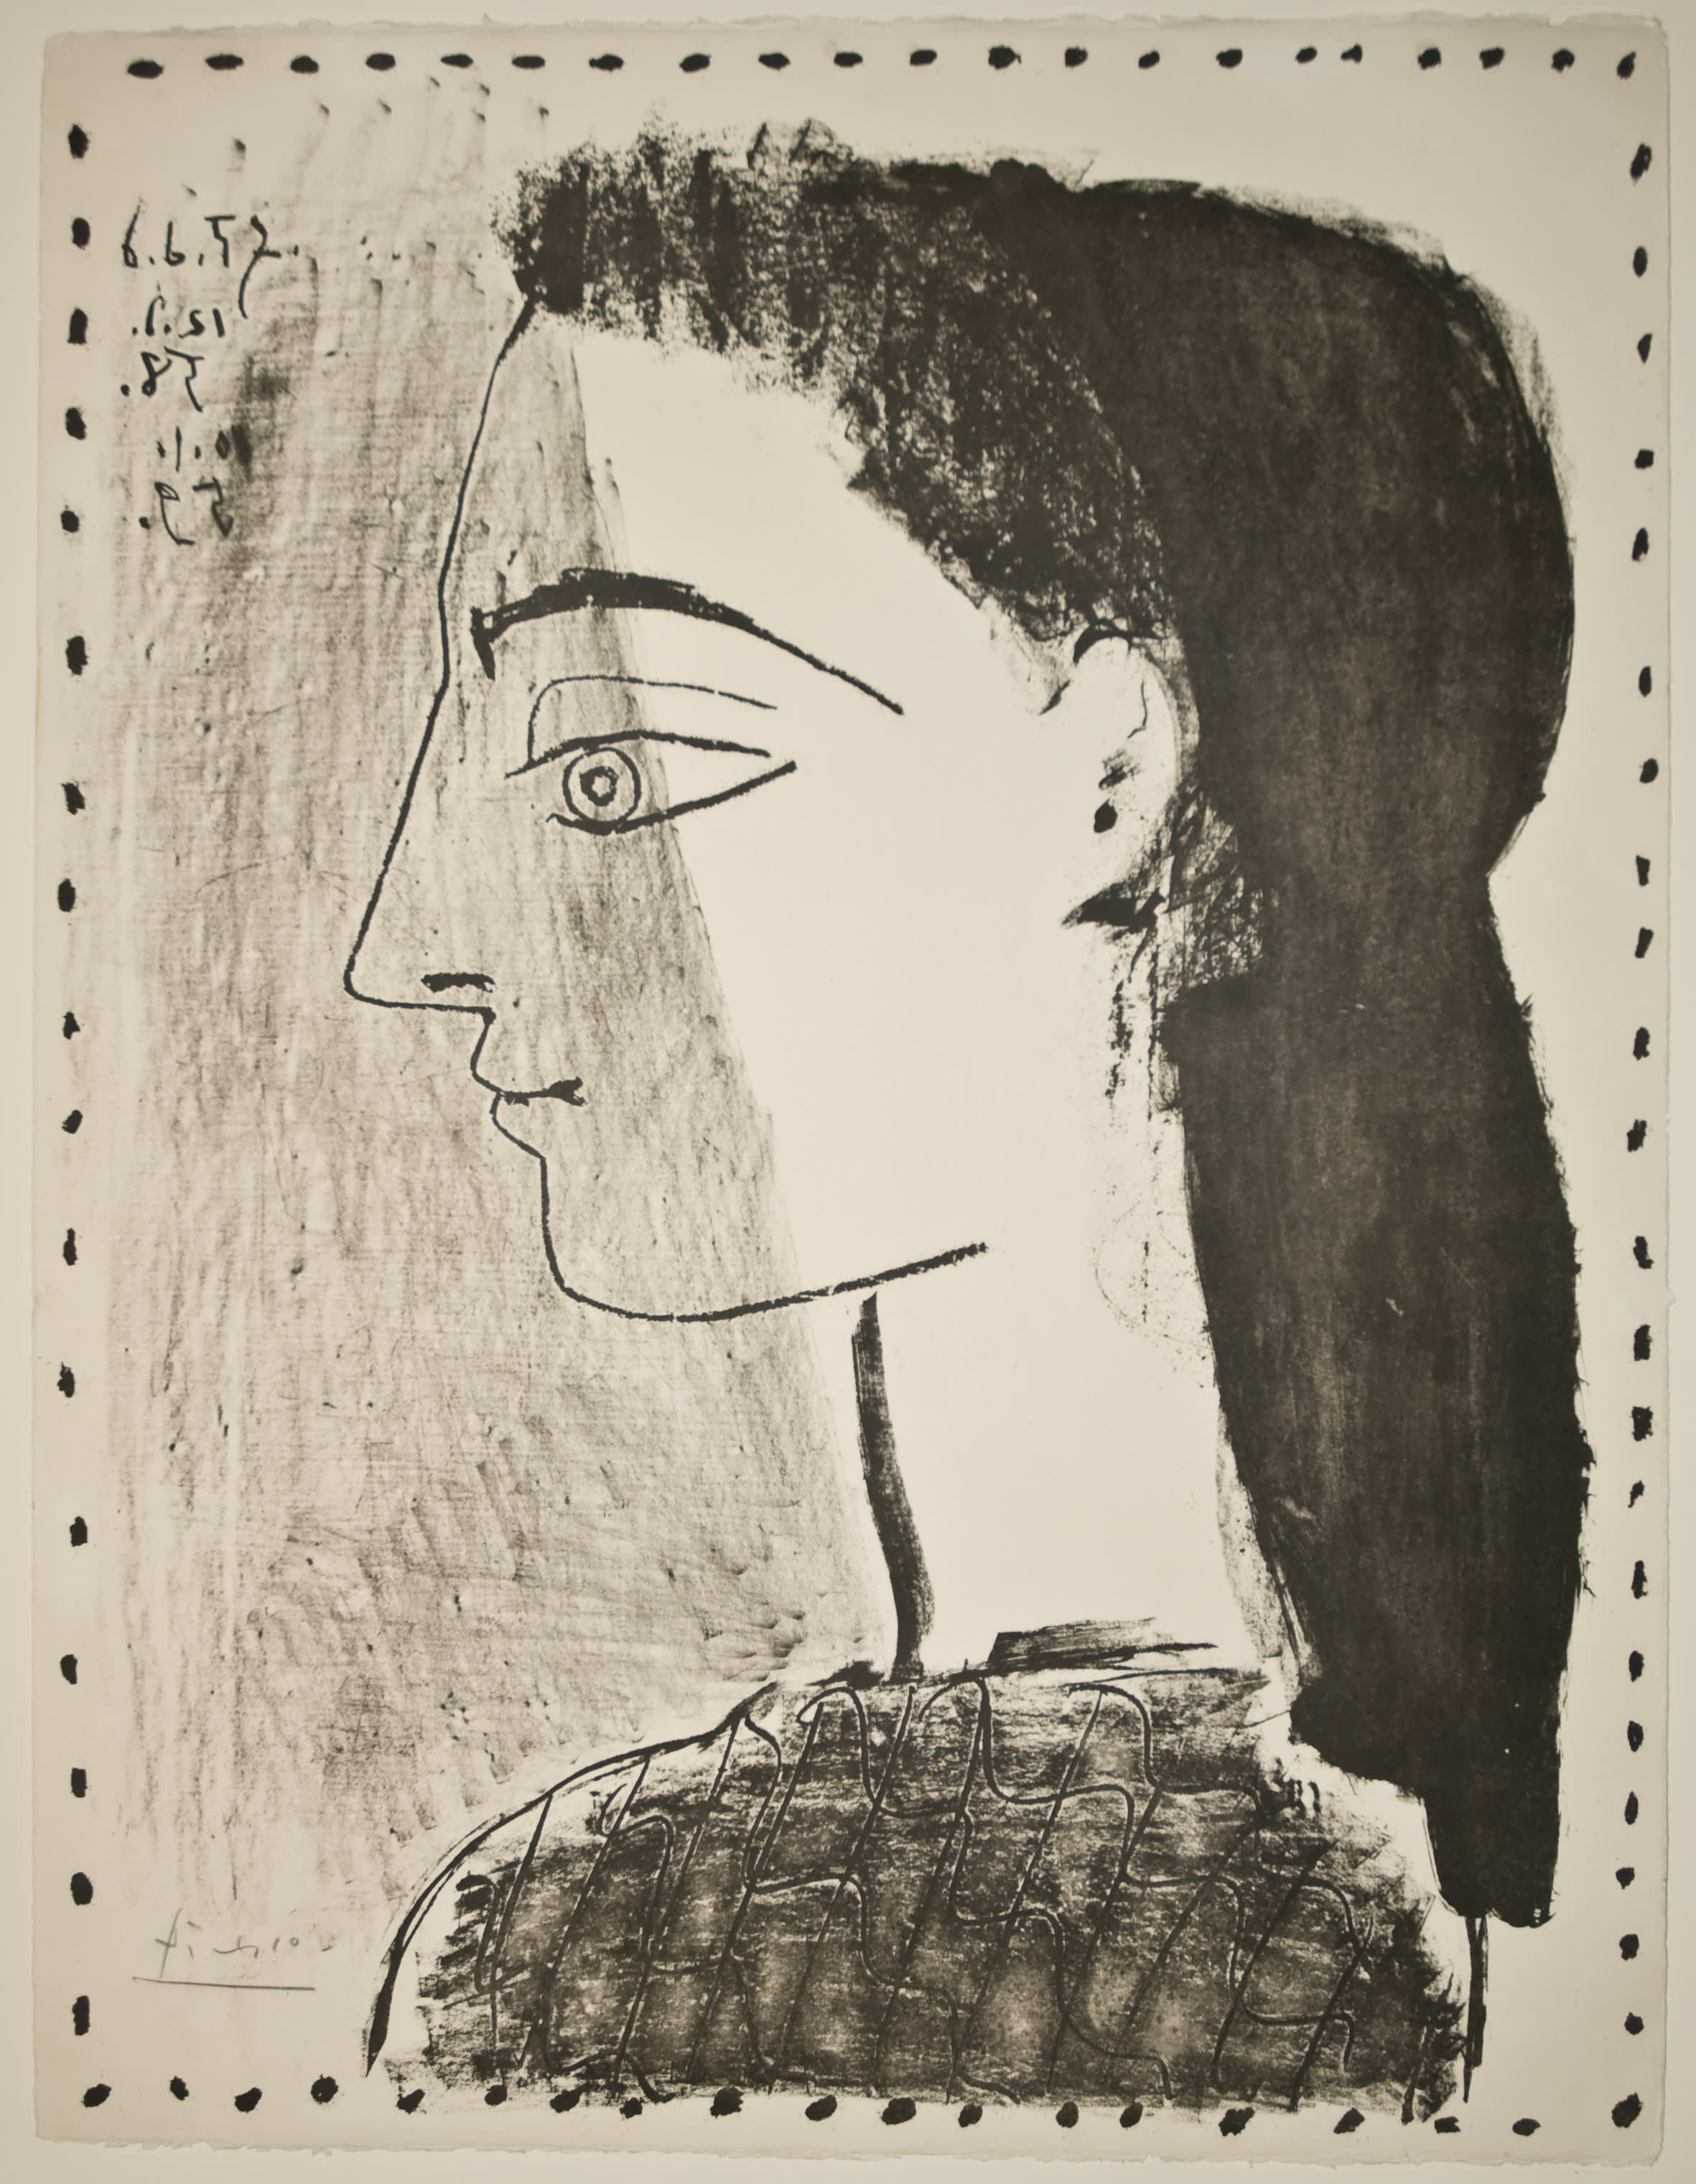 Portrait of Jacqueline Roque